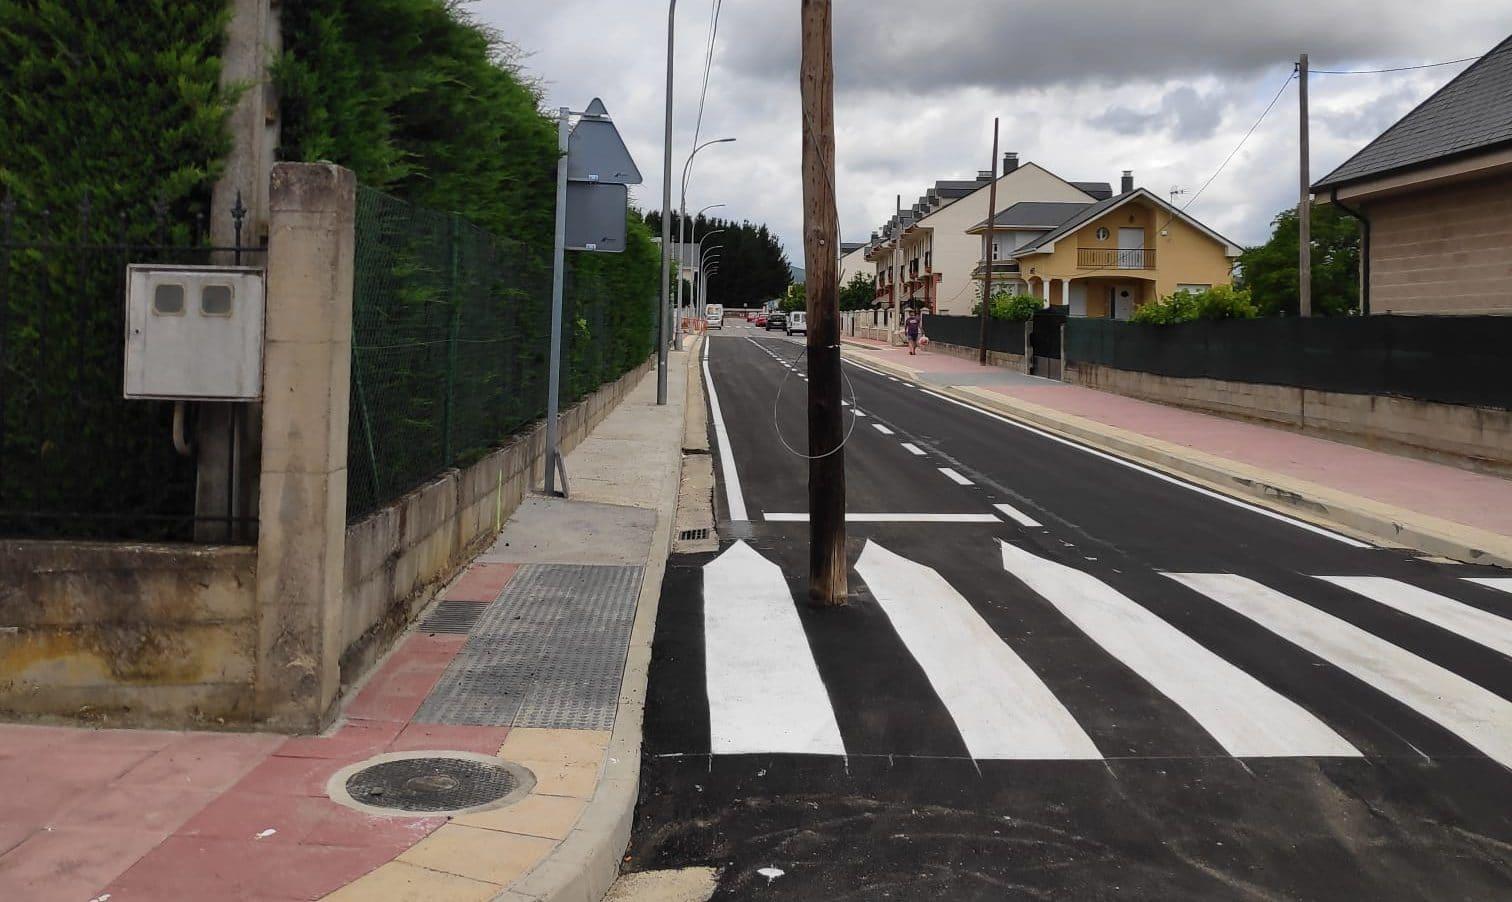 La compañía Telefónica mantiene dos postes de comunicaciones en calles urbanizadas de Cubillos del Sil sin aportar soluciones para su eliminación 1